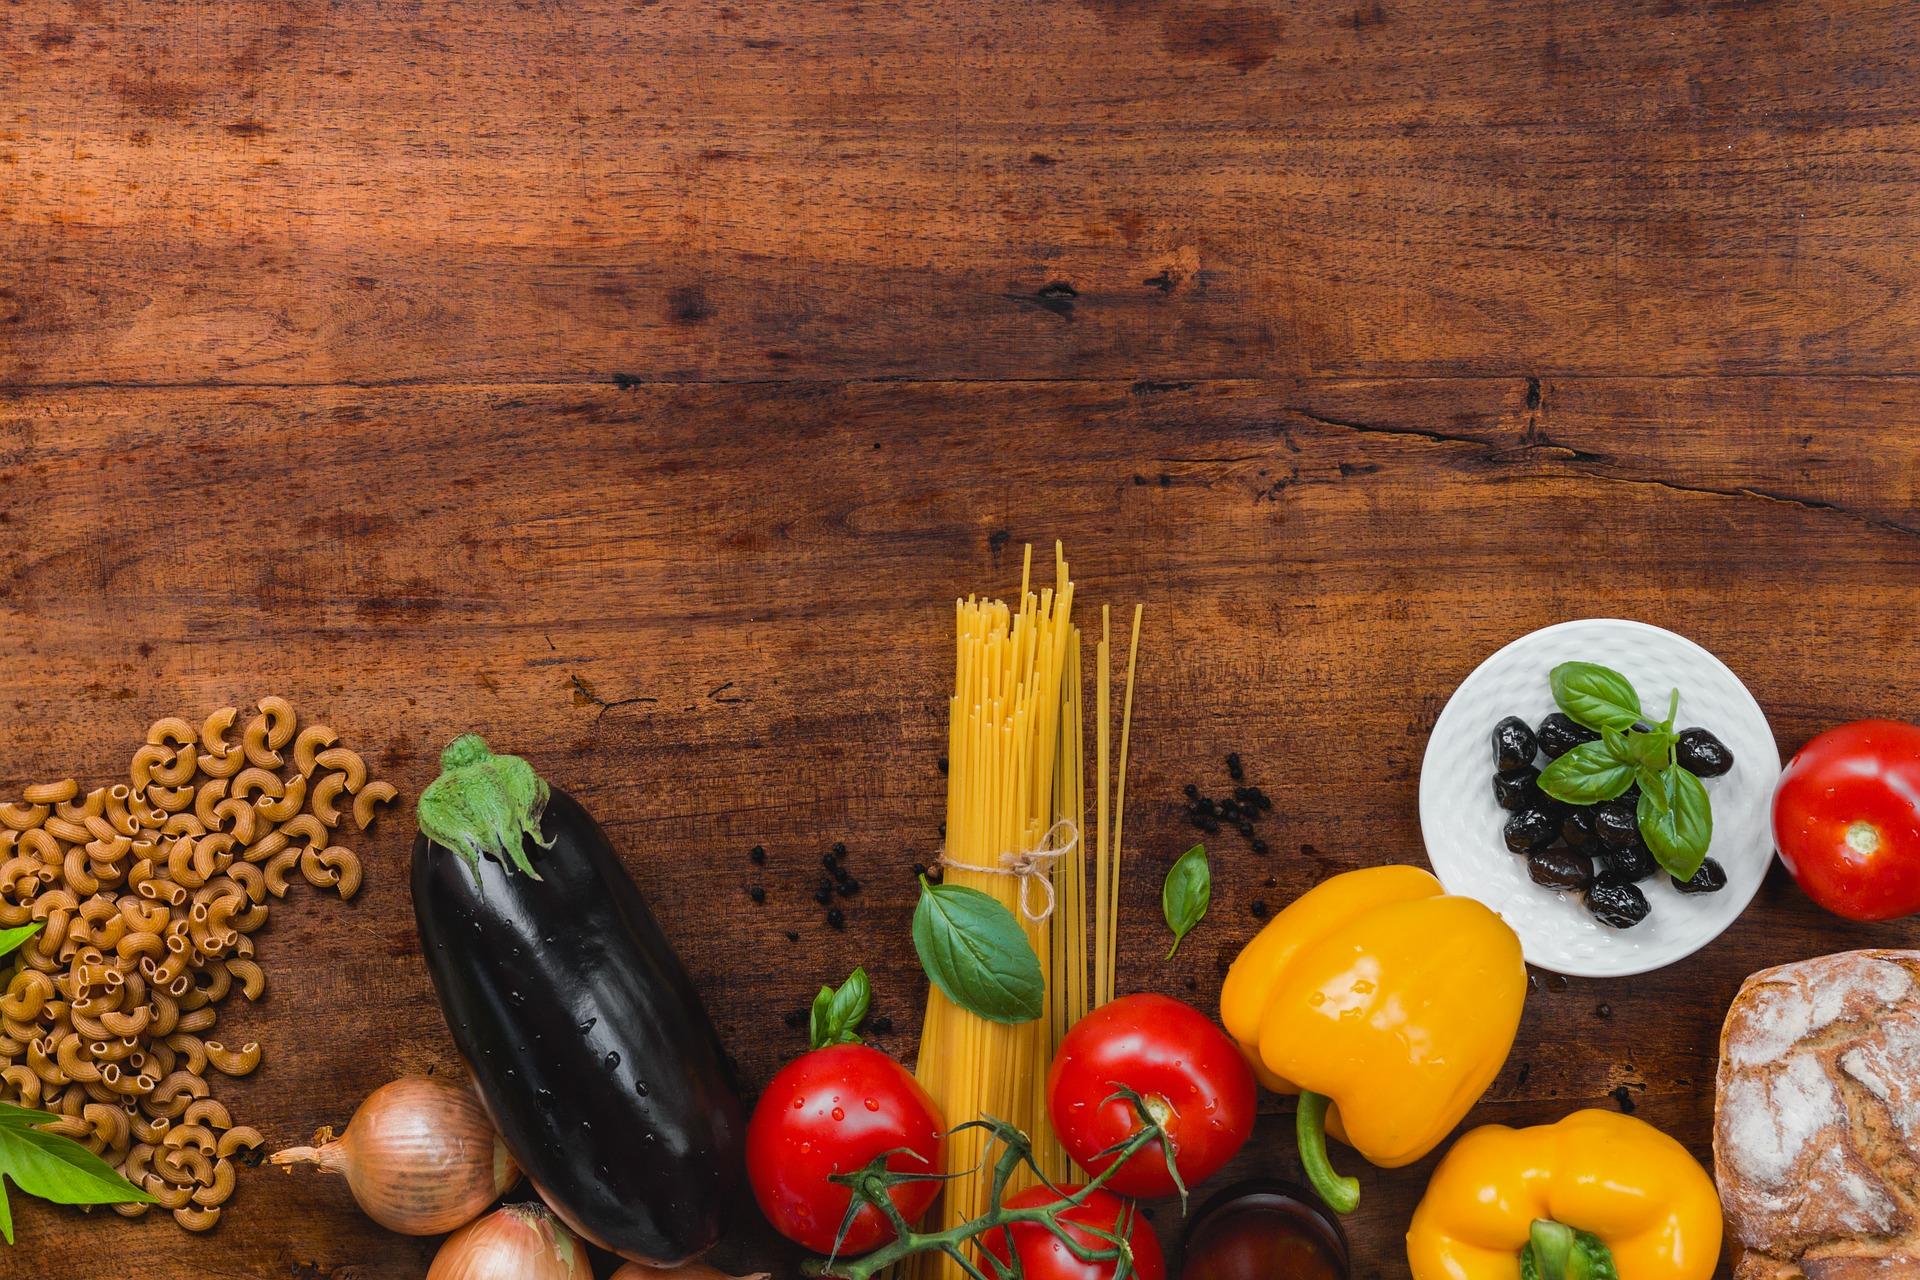 Dicas de ingredientes para uma marmita sustentável